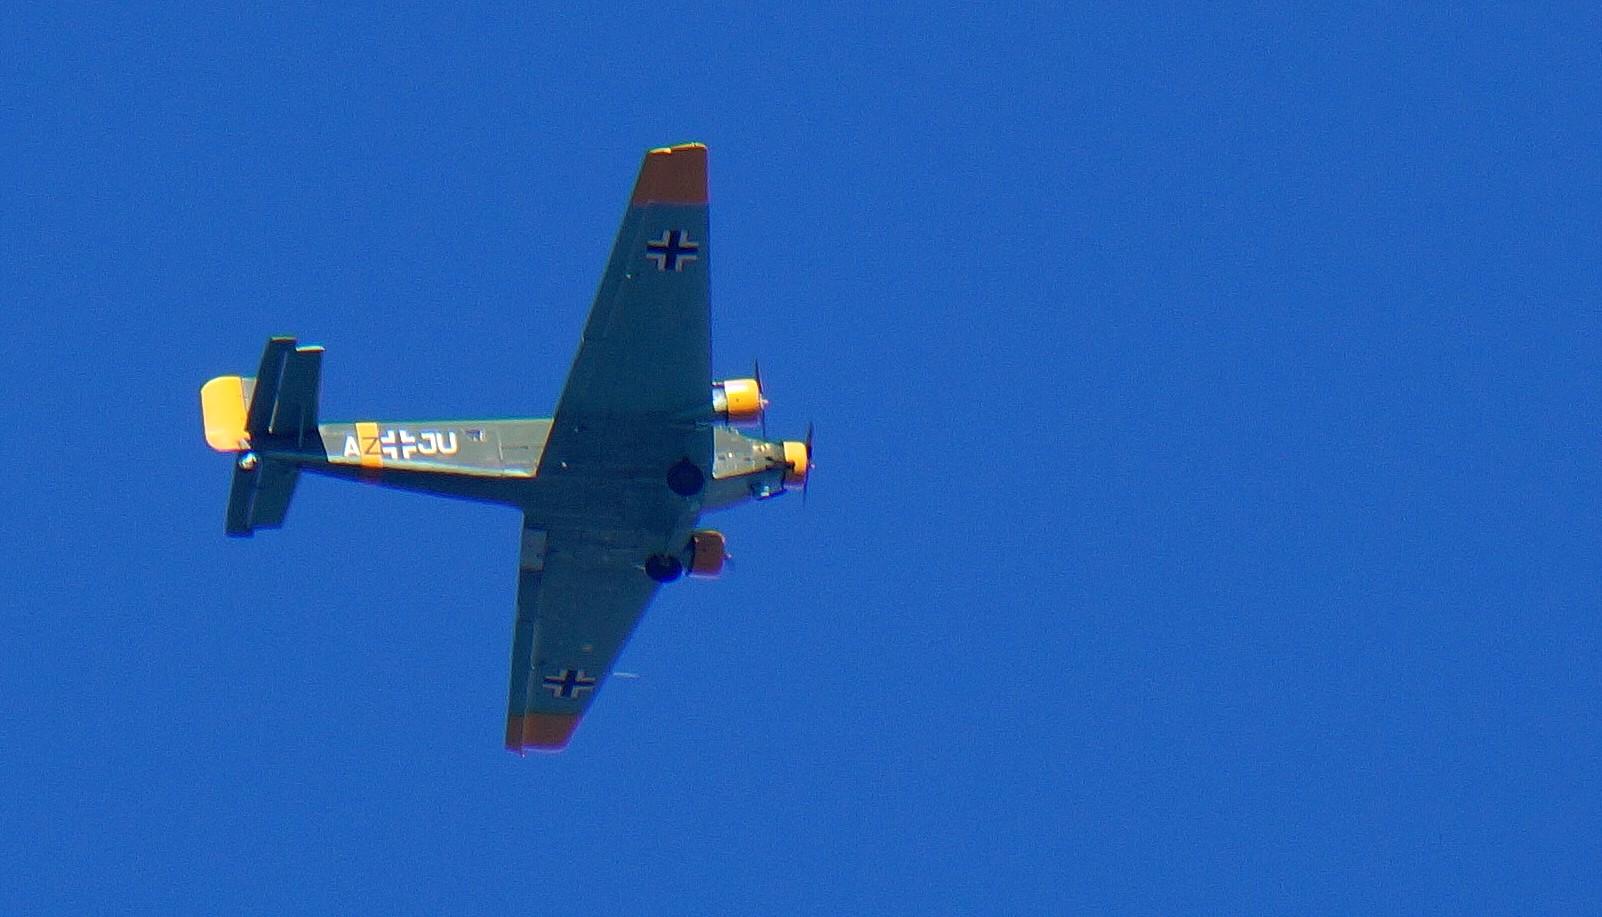 [Aéronavale divers] C'est quoi cet avion ? 166571avionallemand2